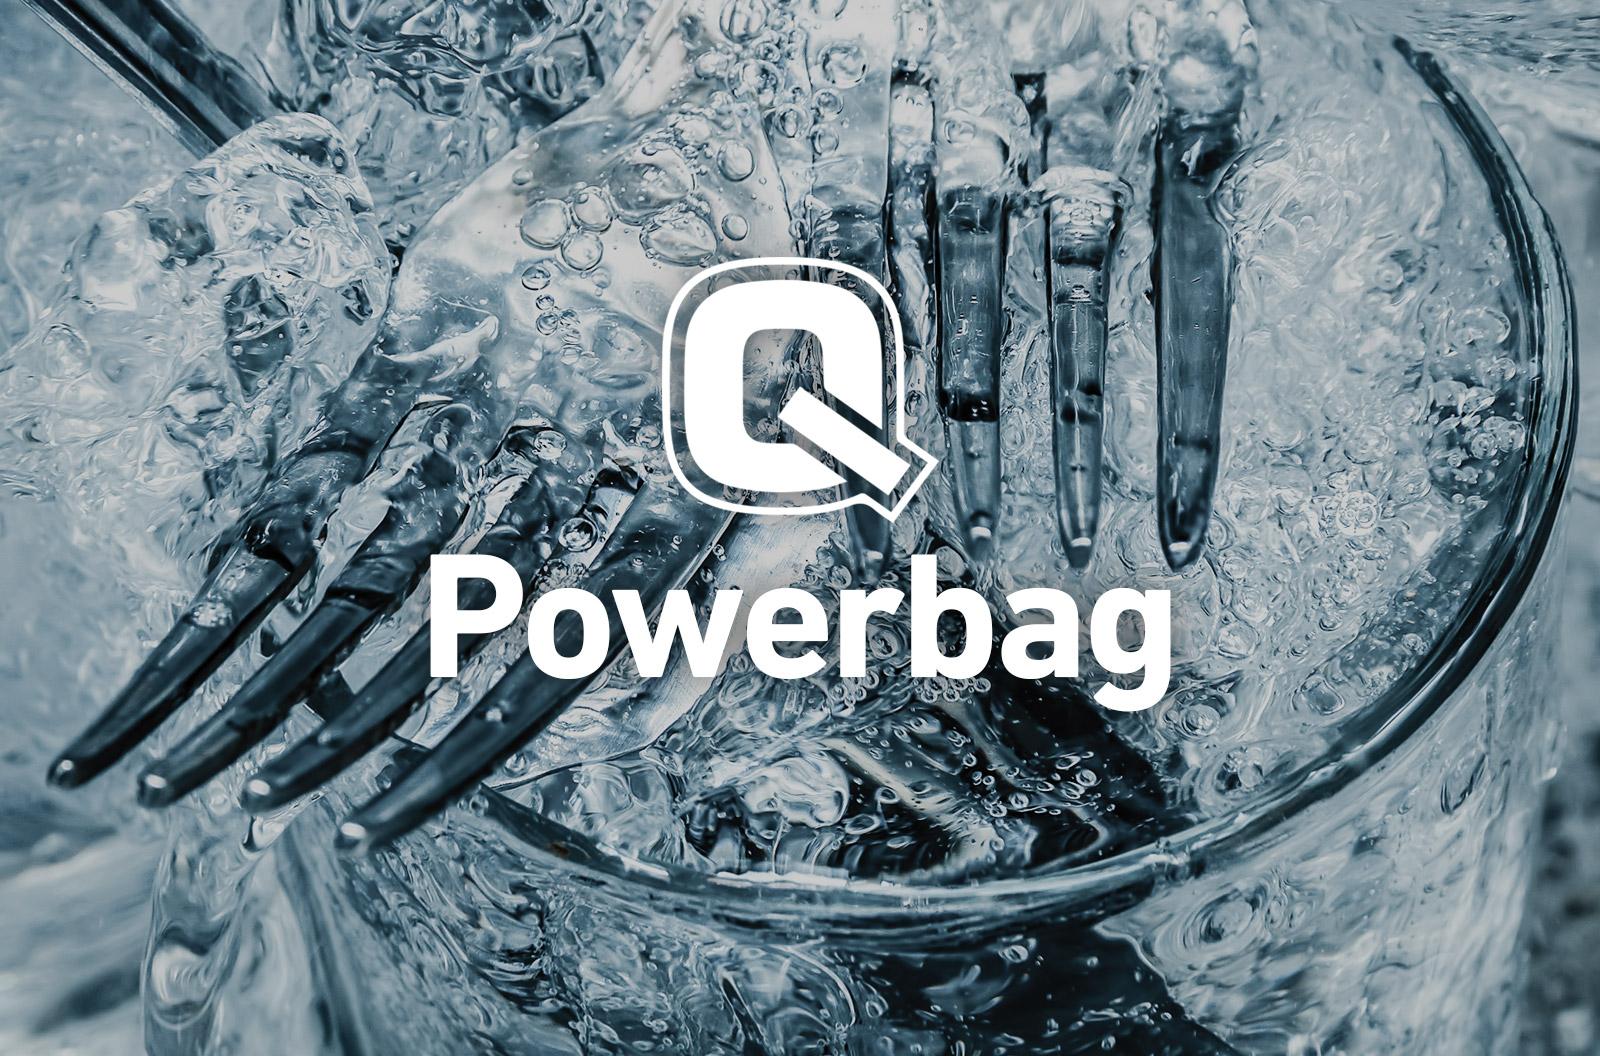 Quimidex Powerbag